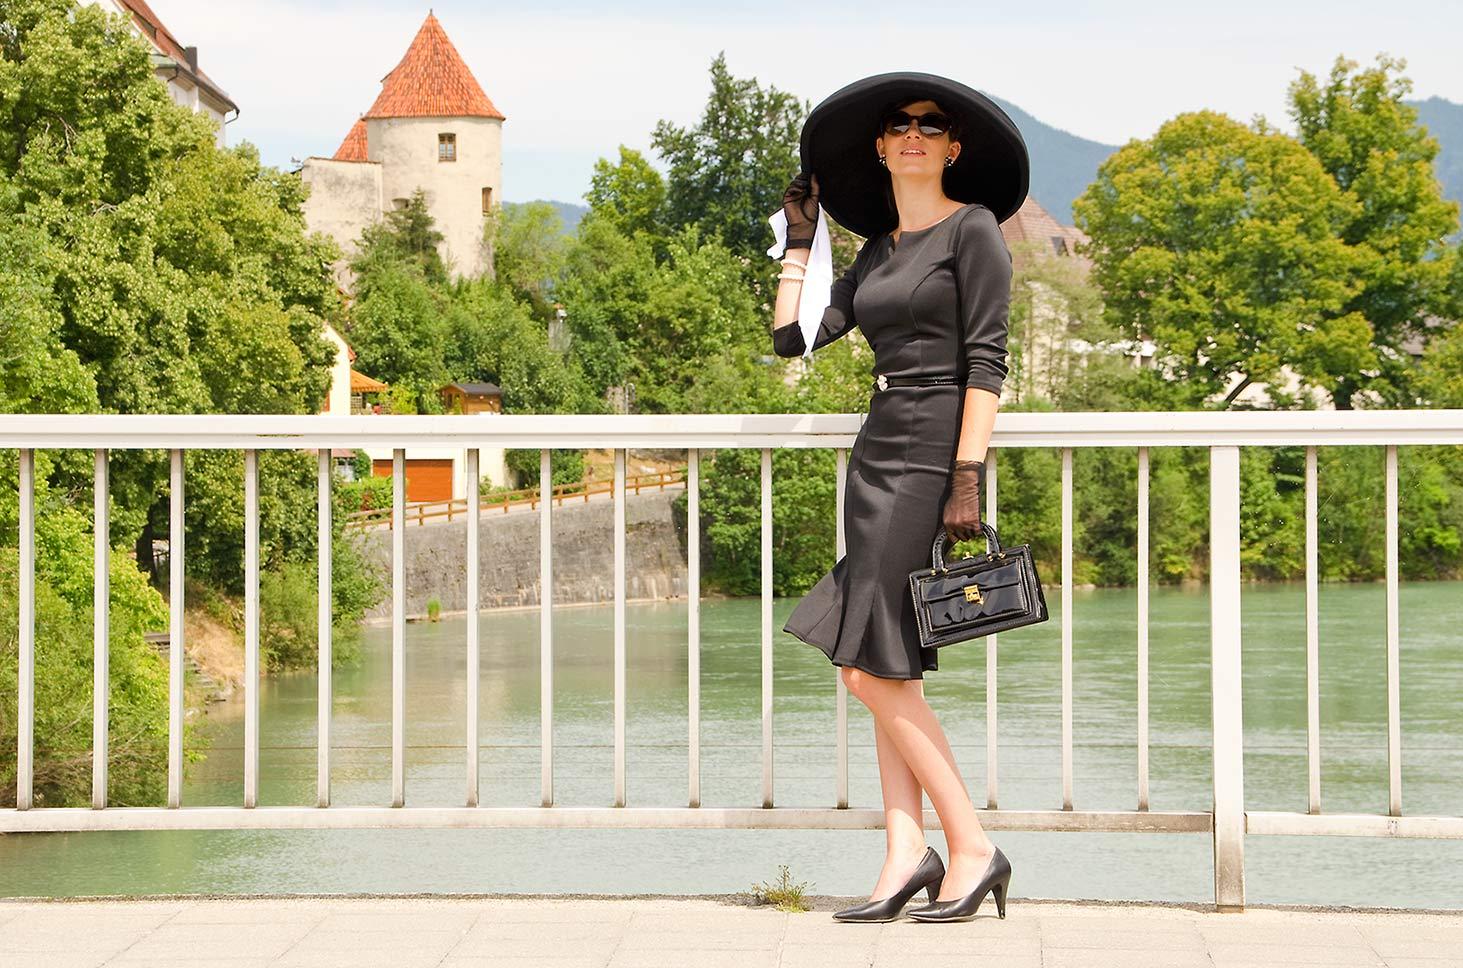 Inspirationsquellen für Vintage-Mode: RetroCat mit einem Outfit im Stil von Frühstück bei Tiffany